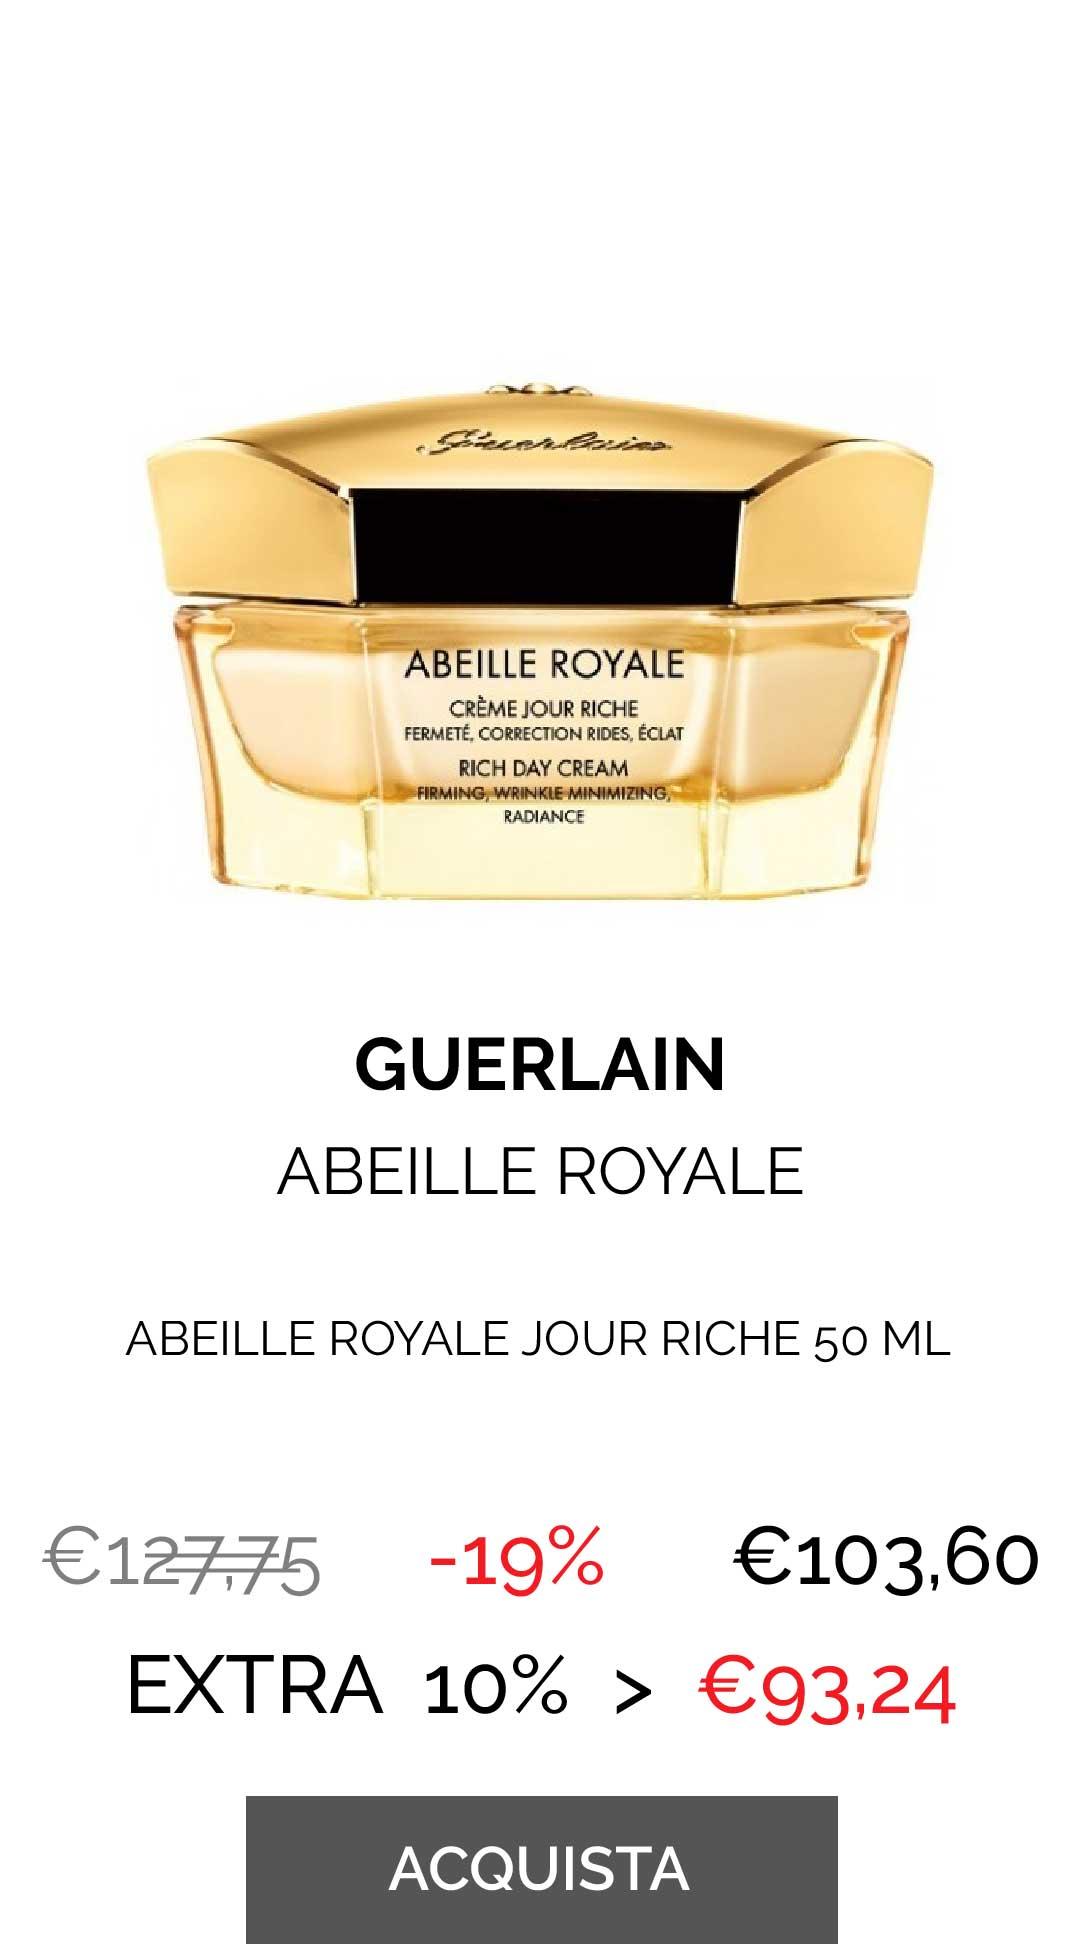 GUERLAIN - ABEILL.ROYALE JOUR RICHE 50 ML